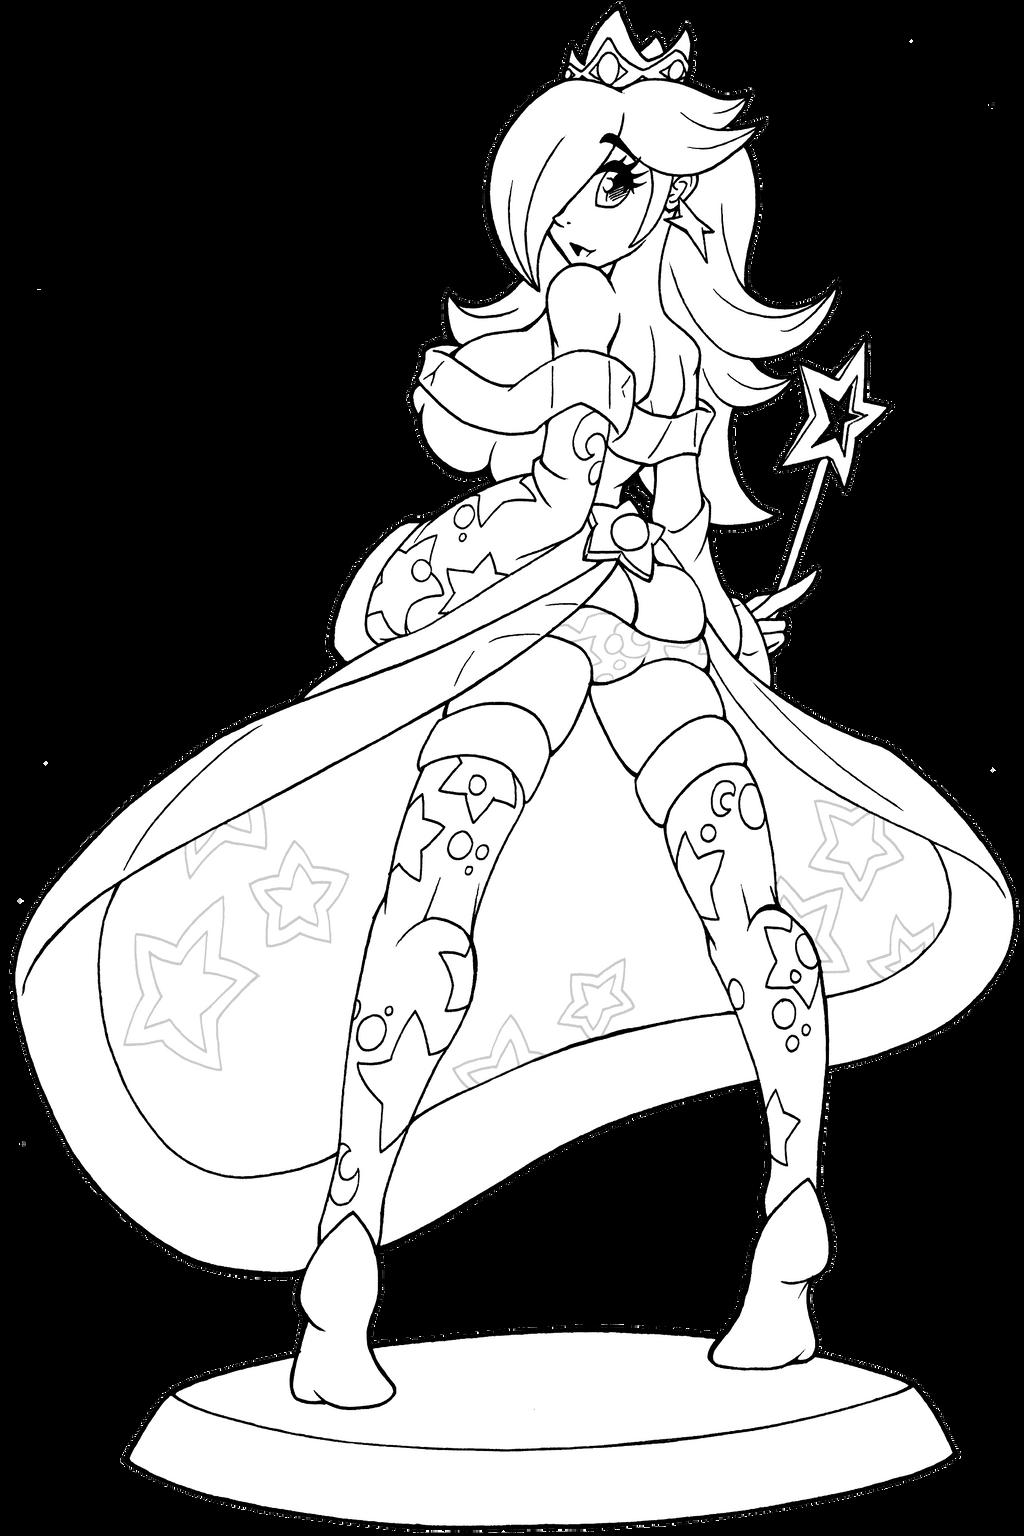 Princess Rosalina Coloring Pages : Amiibo princess rosalina lineart by hallowgazer on